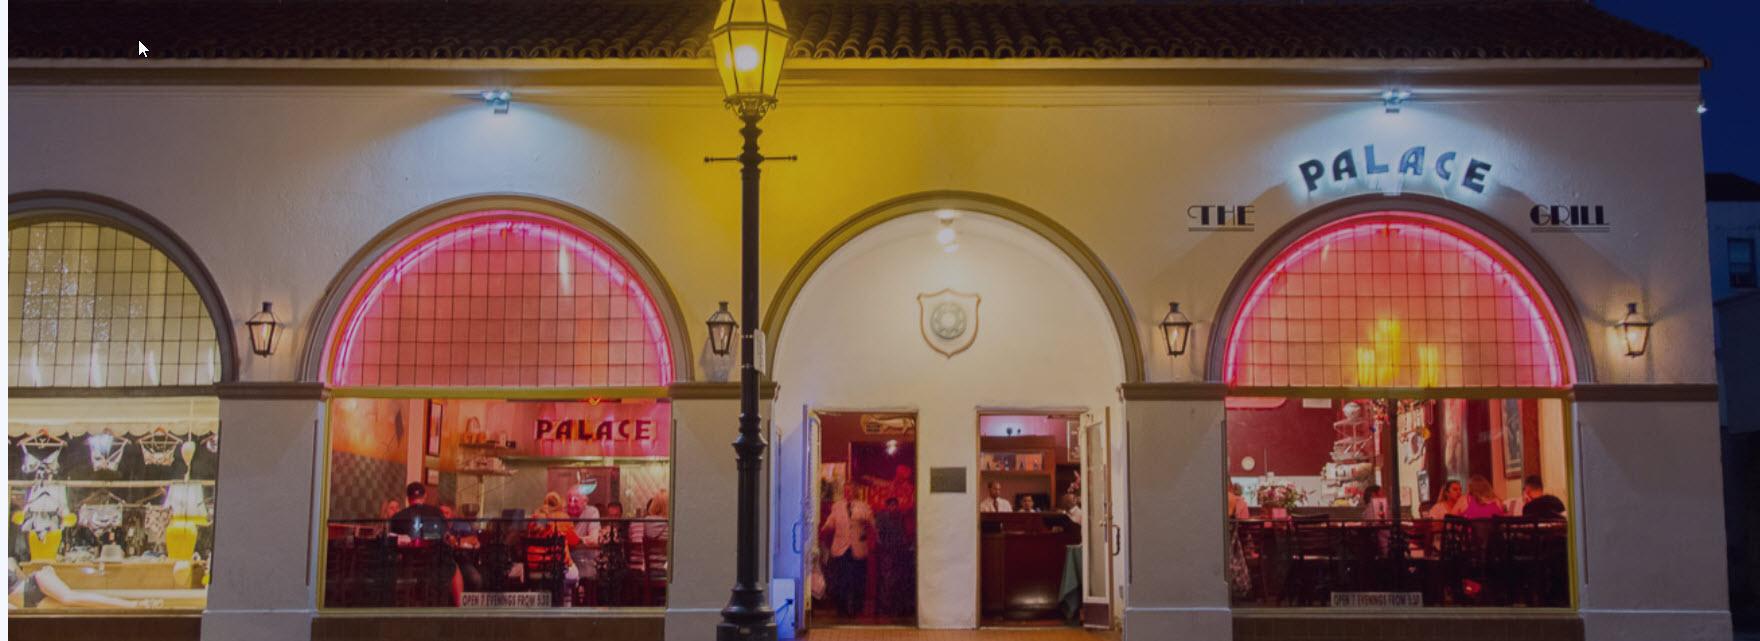 The Palace Grill Santa Barbara